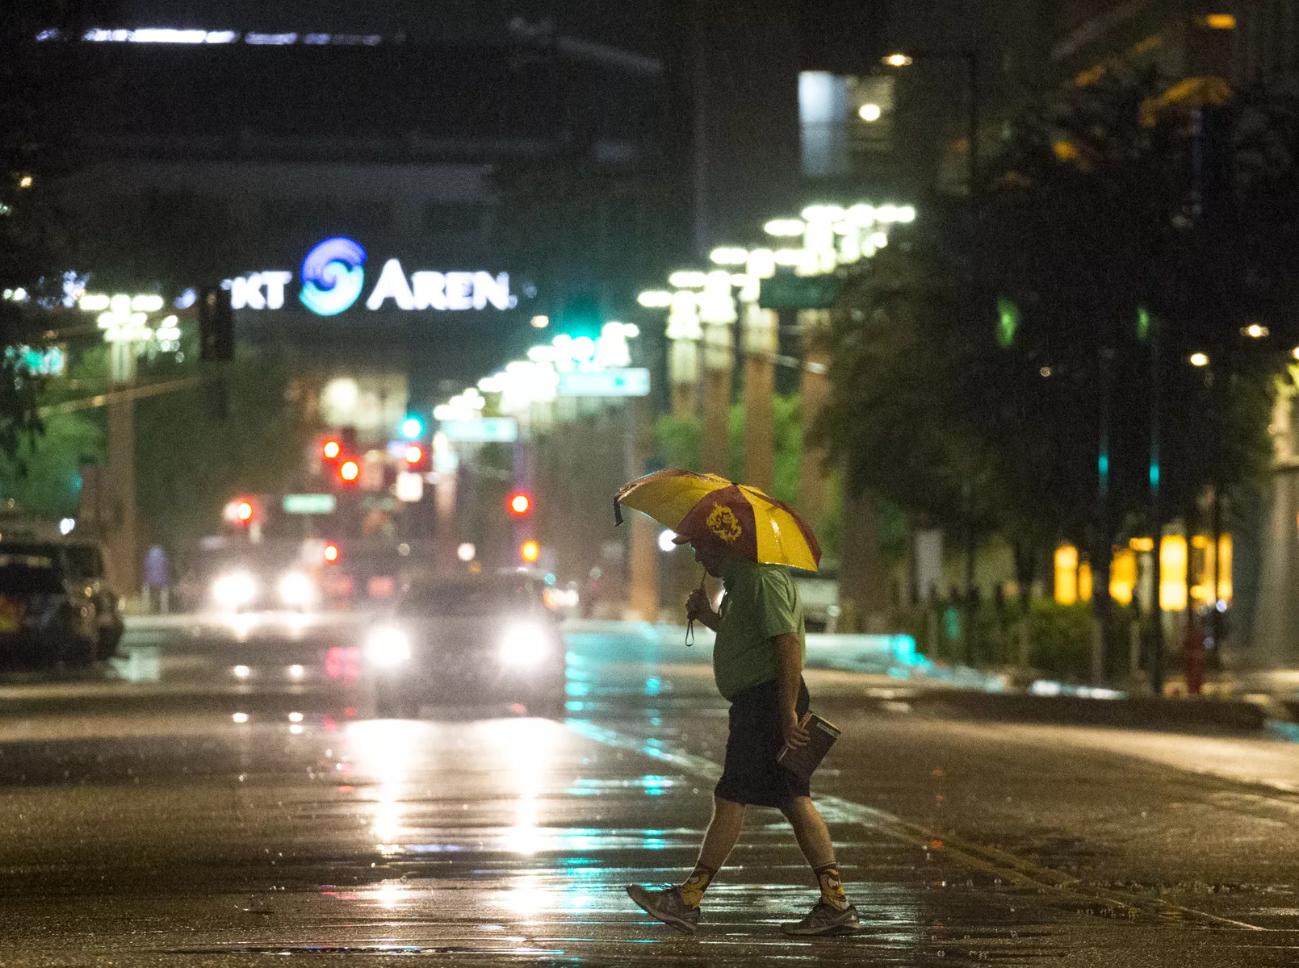 Imágenes de la llegada del clima lluvioso a Arizona el domingo 30 de septiembre, 2018, provocado por el Huracán Rosa que golpeó el norte de México, y cuyos remanentes llegaron hasta este estado.